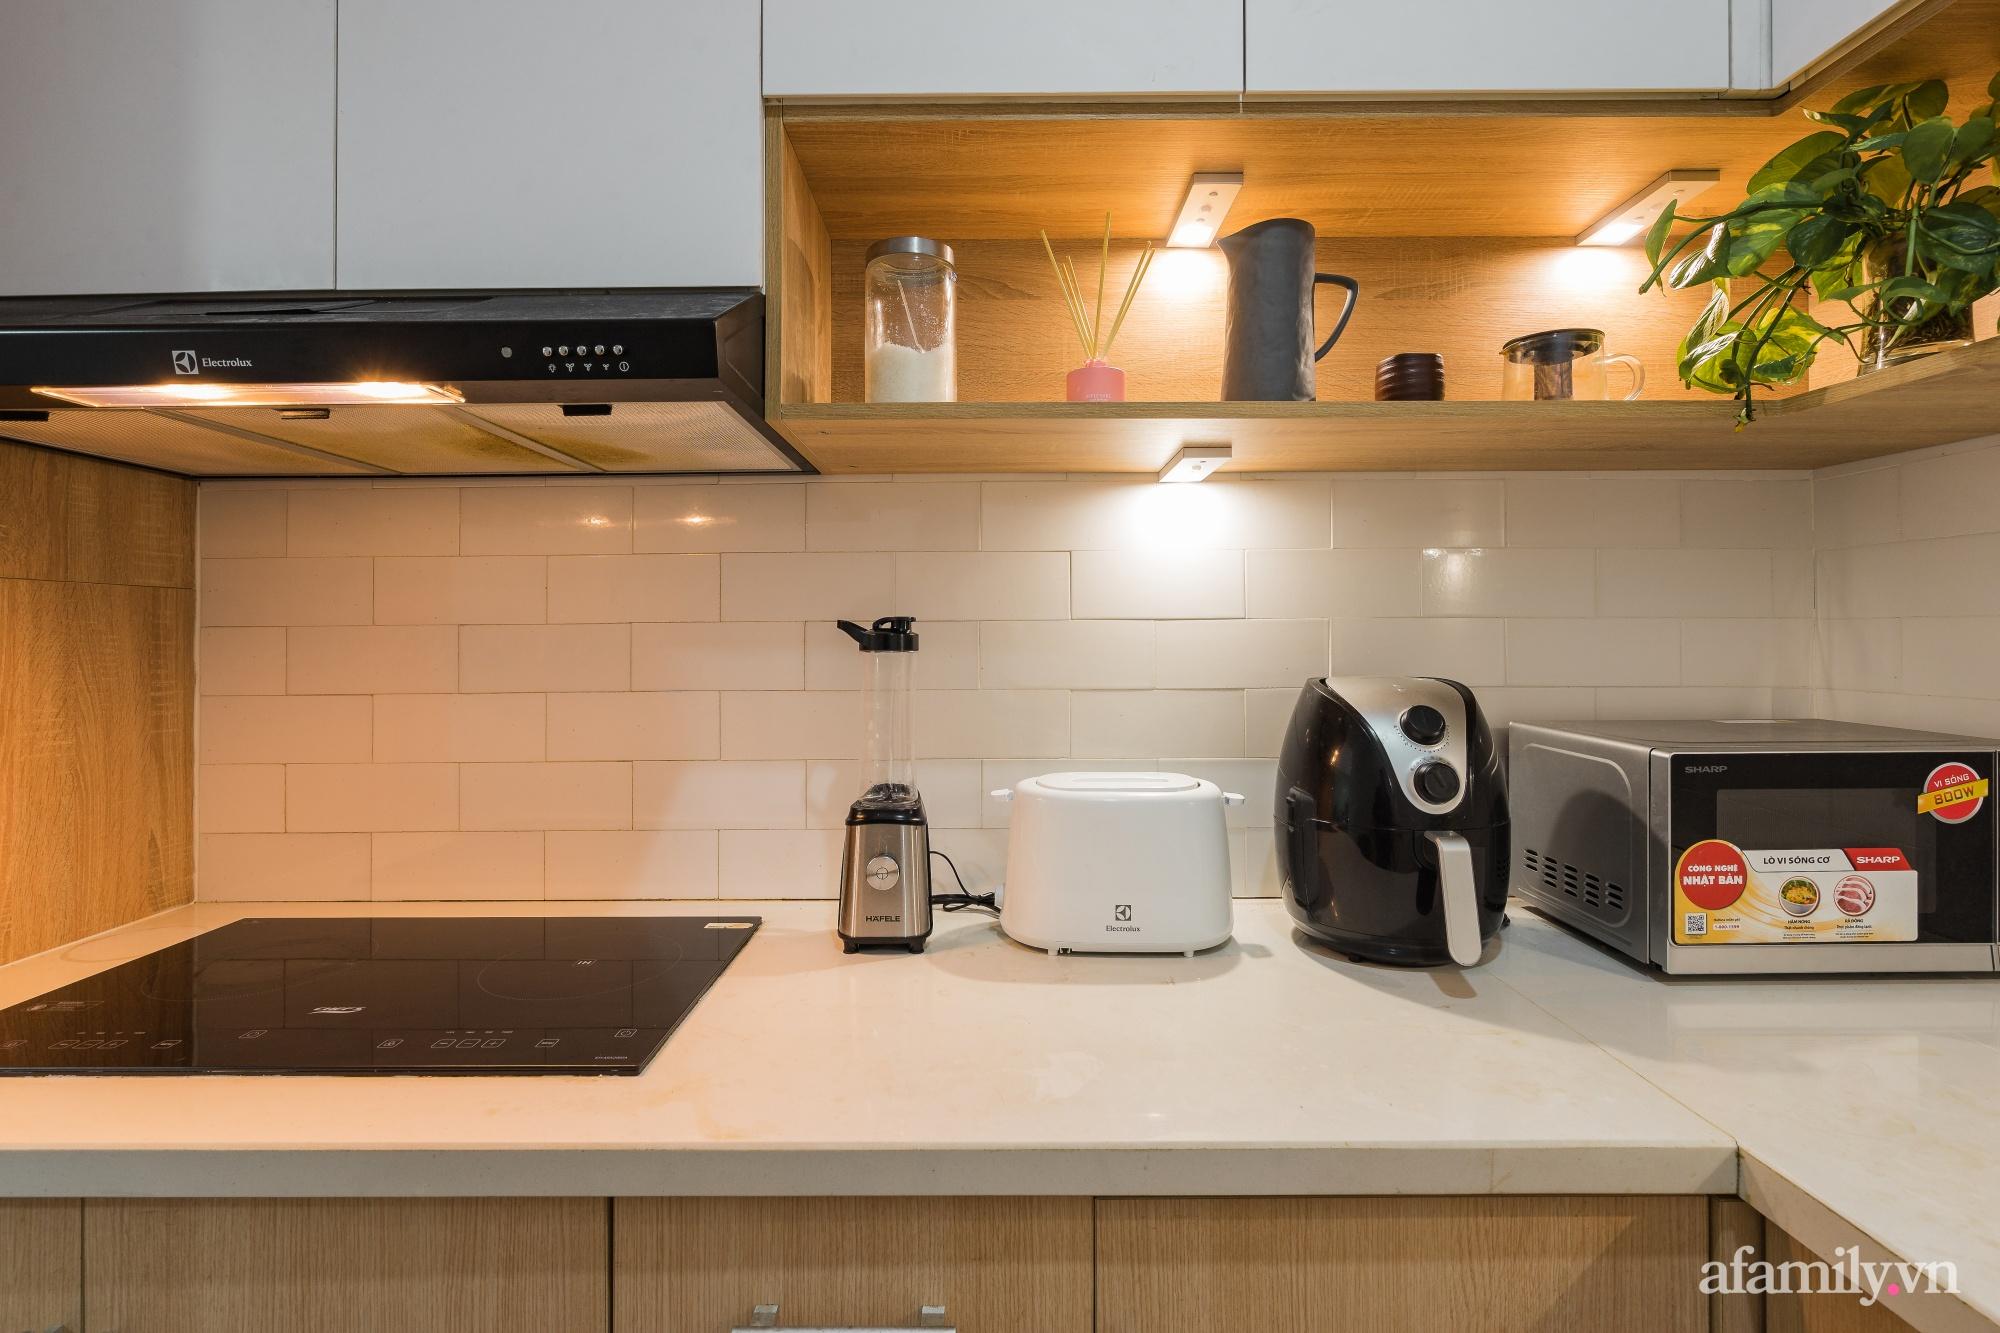 Căn hộ 60m² hoàn thiện nội thất tinh tế dành cho vợ chồng trẻ có chi phí 250 triệu đồng ở Hà Nội - Ảnh 18.